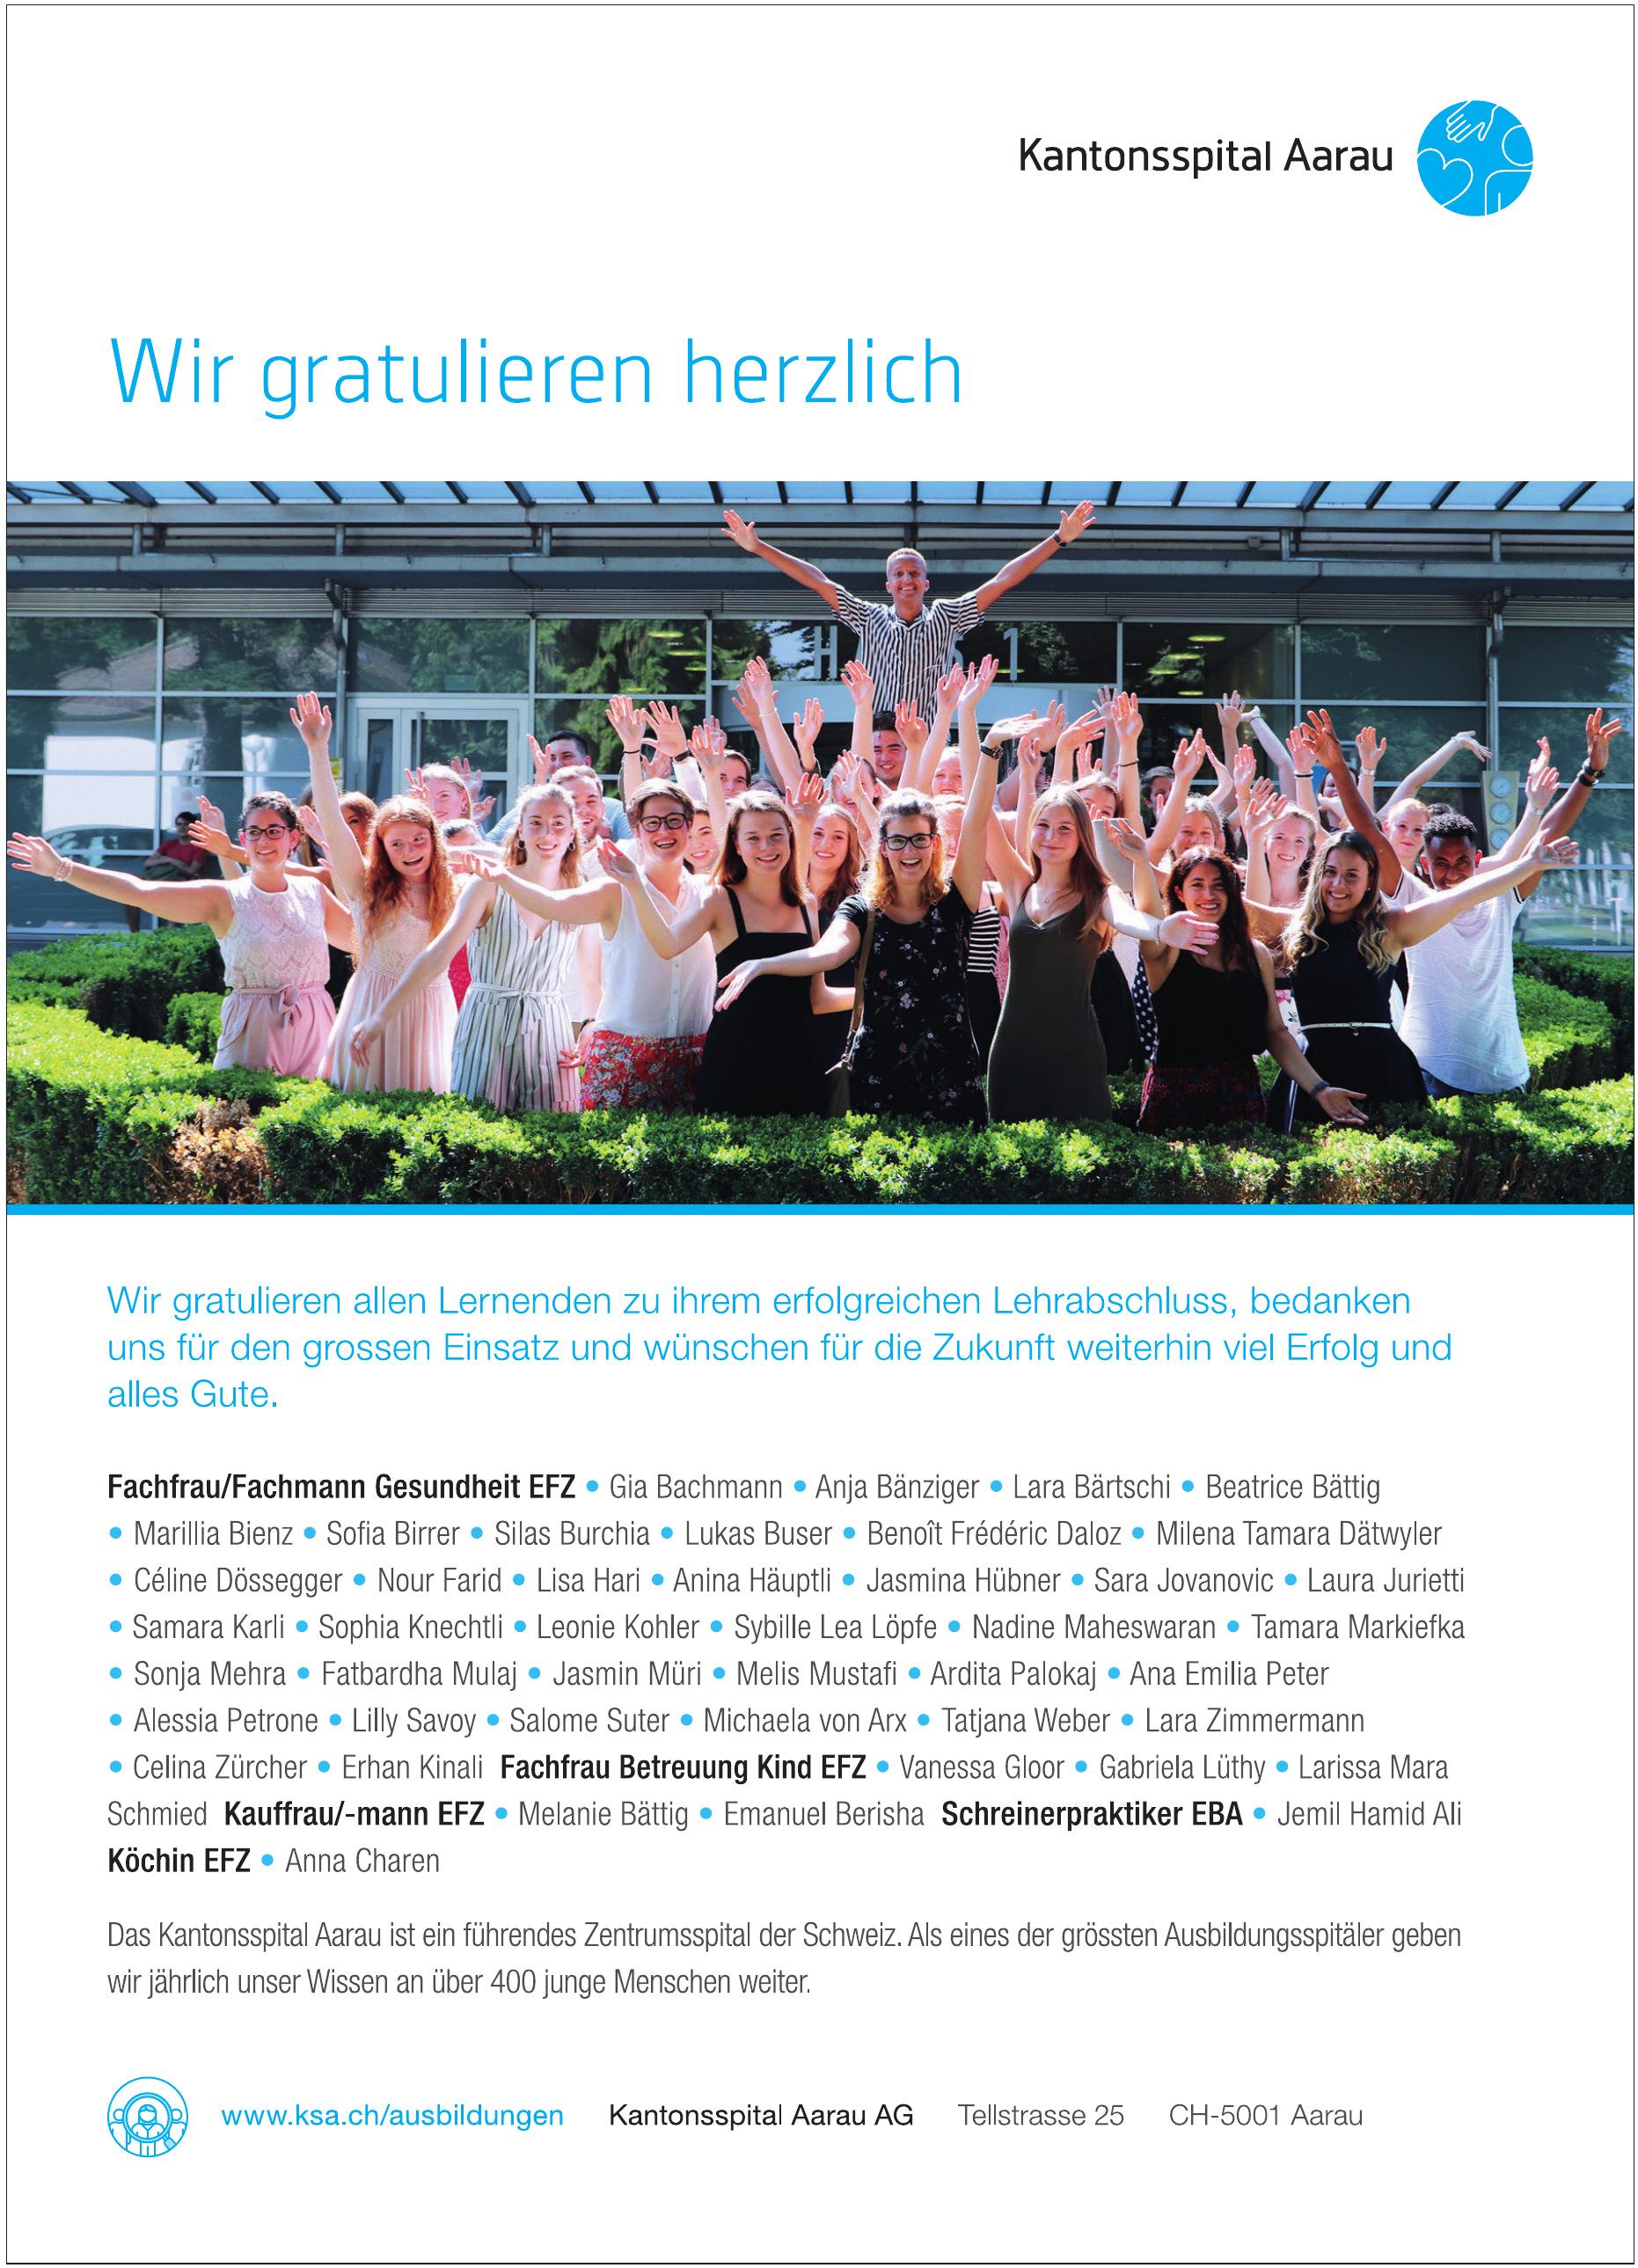 Kantonspital Aarau AG